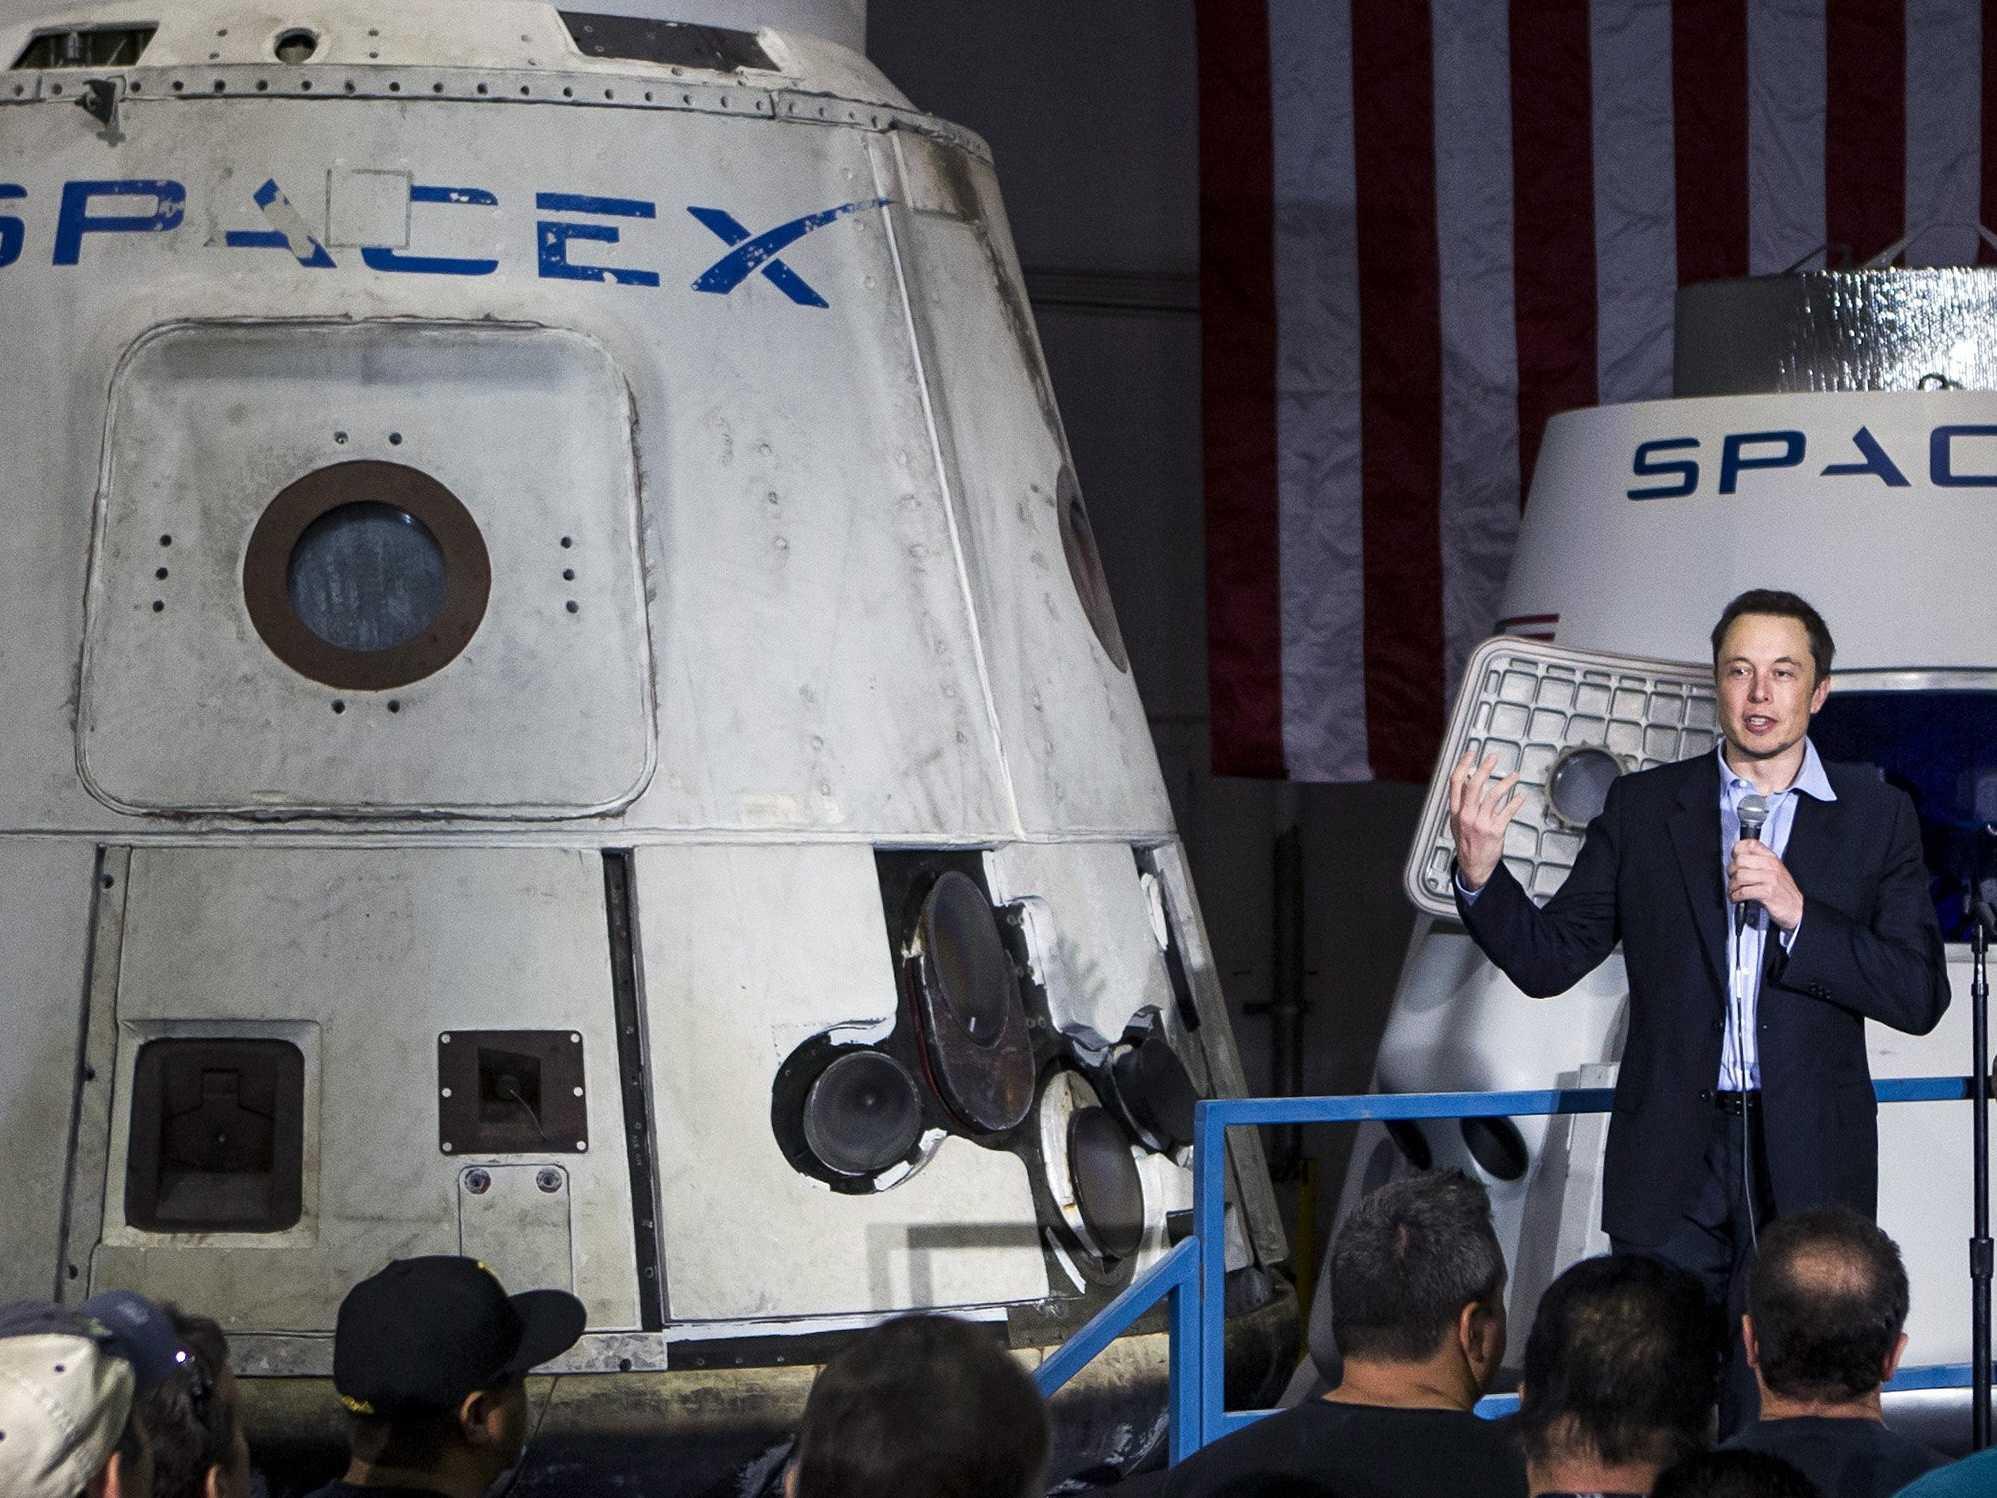 Elon Musk Hd Wallpaper